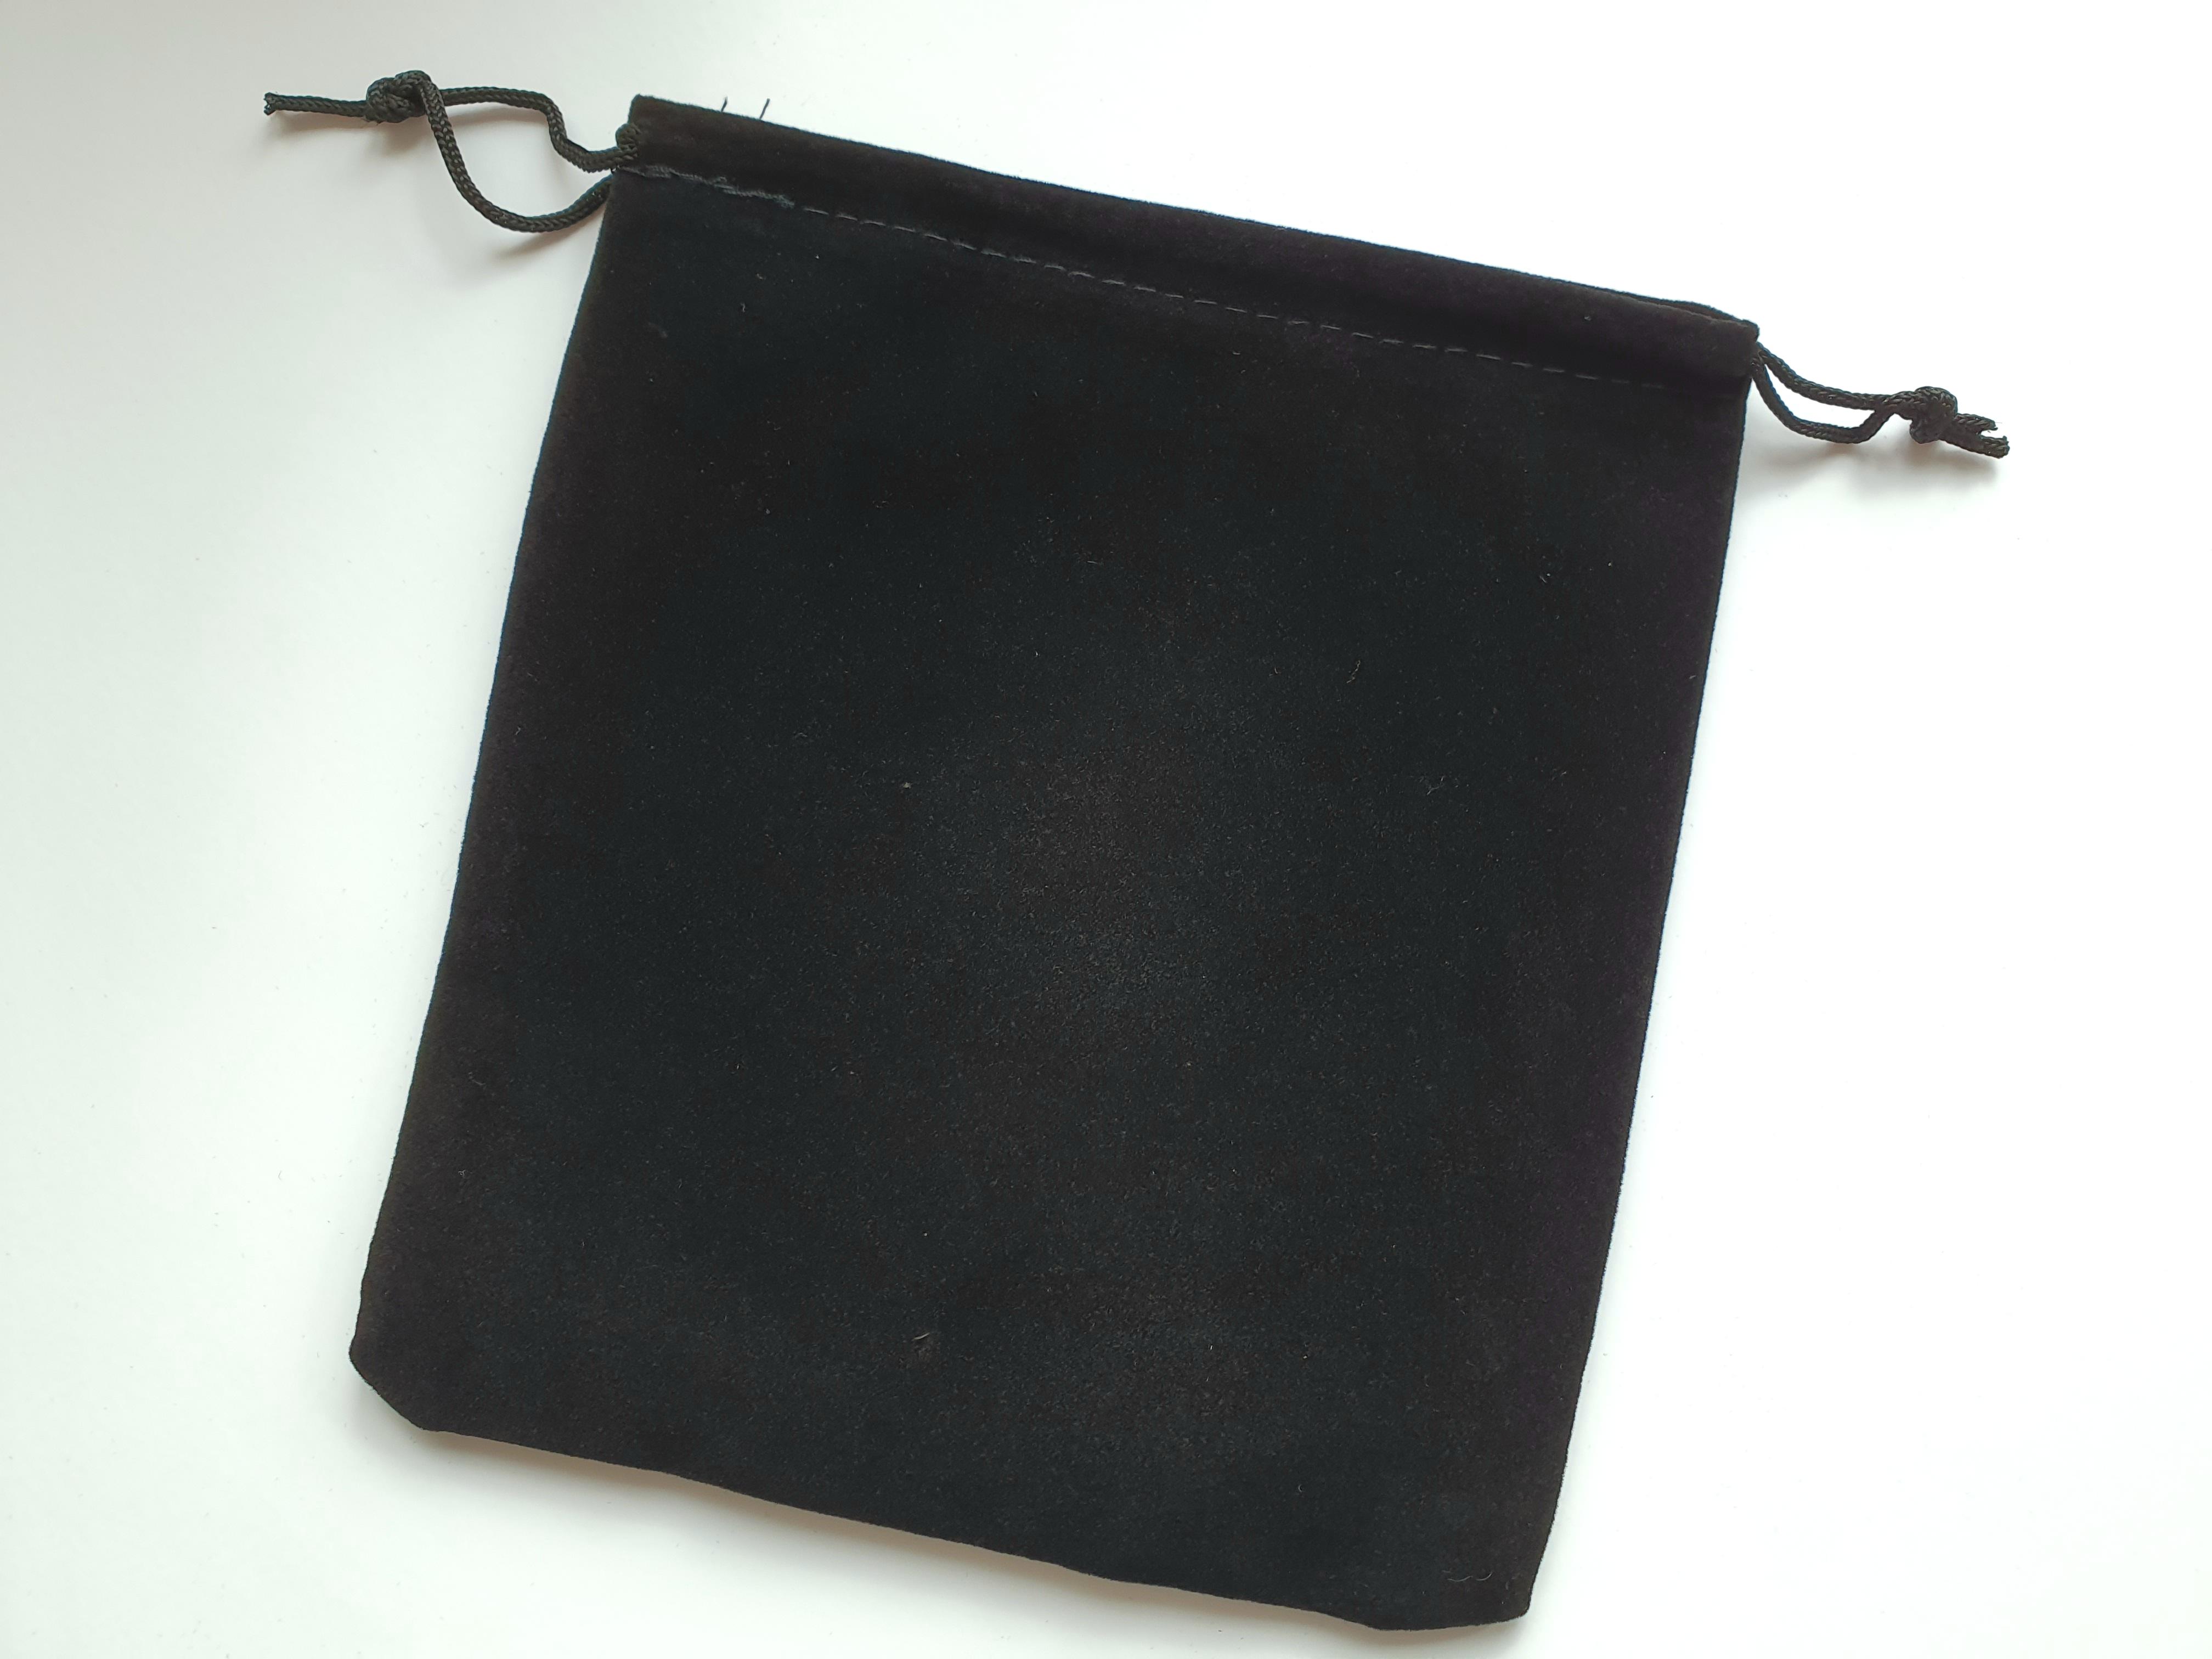 Sammetspåse stor svart 15x17 cm